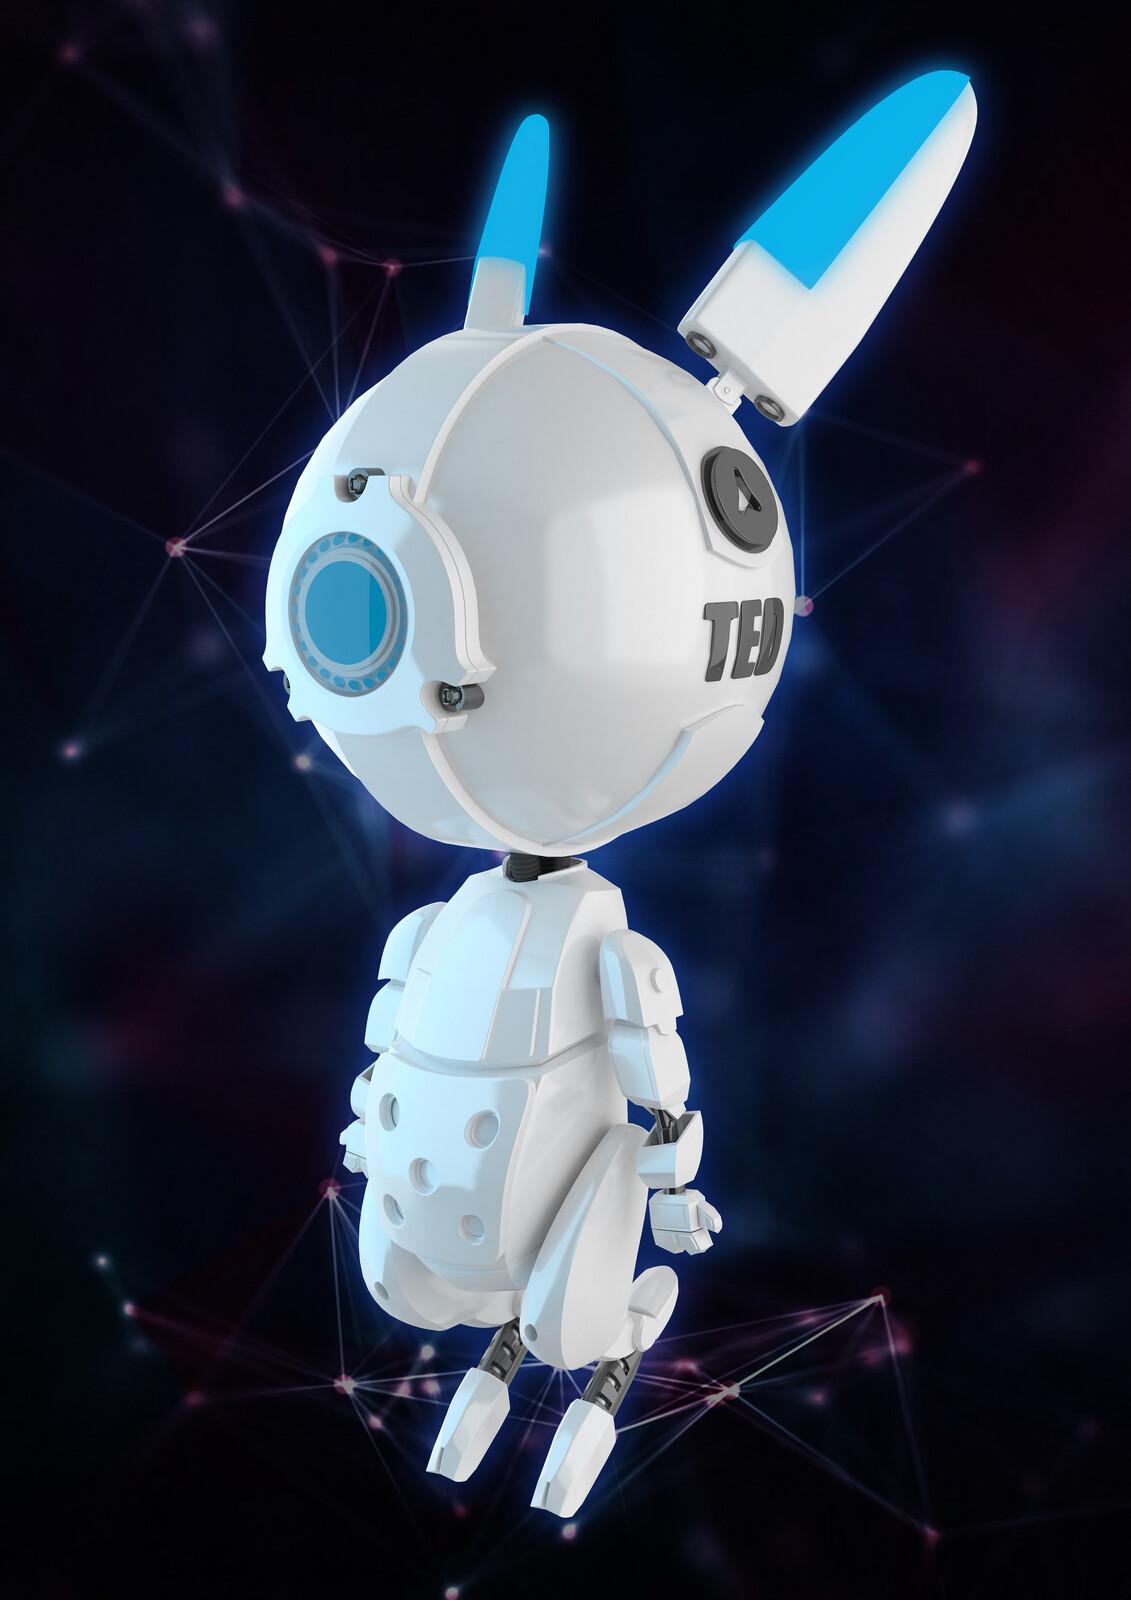 Bunny Bot Render